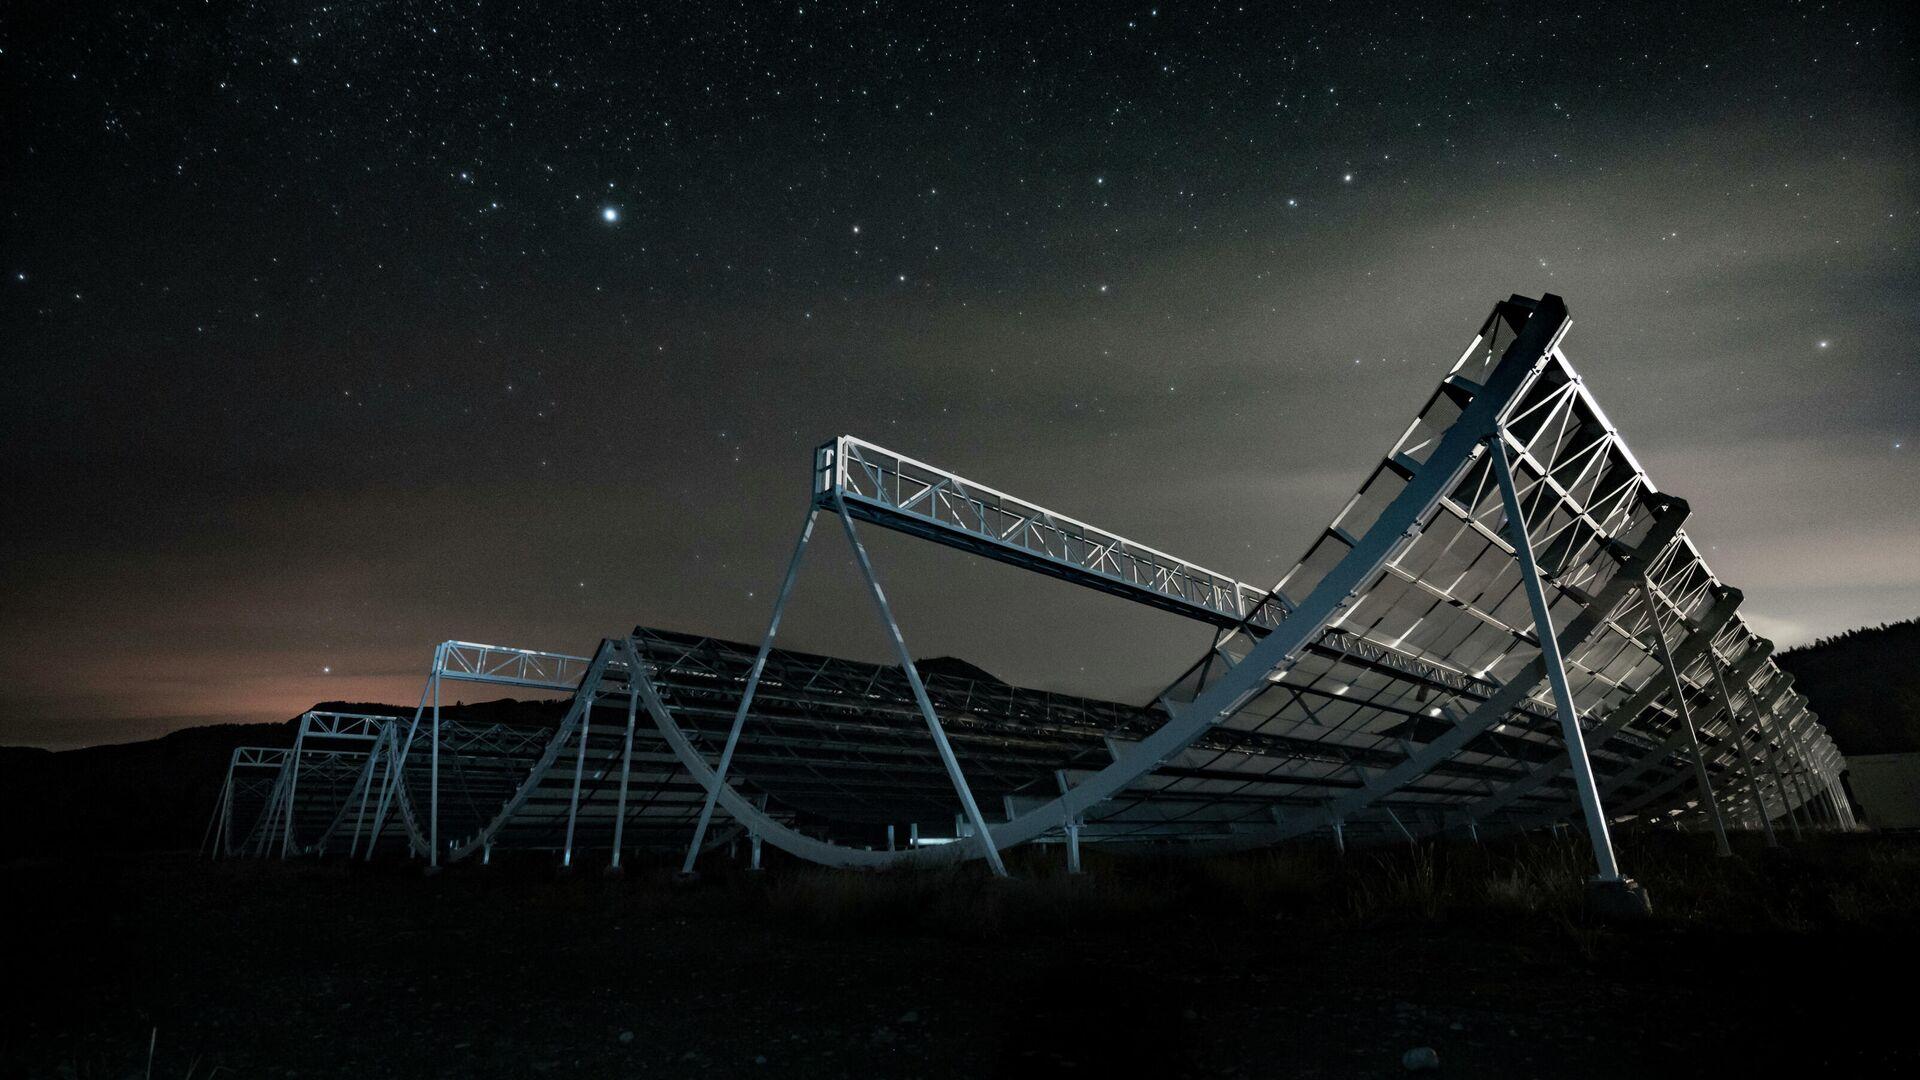 Радиотелескоп CHIME, с помощью которого был зафиксирован быстрый радиовсплеск FRB 200428 - РИА Новости, 1920, 04.11.2020